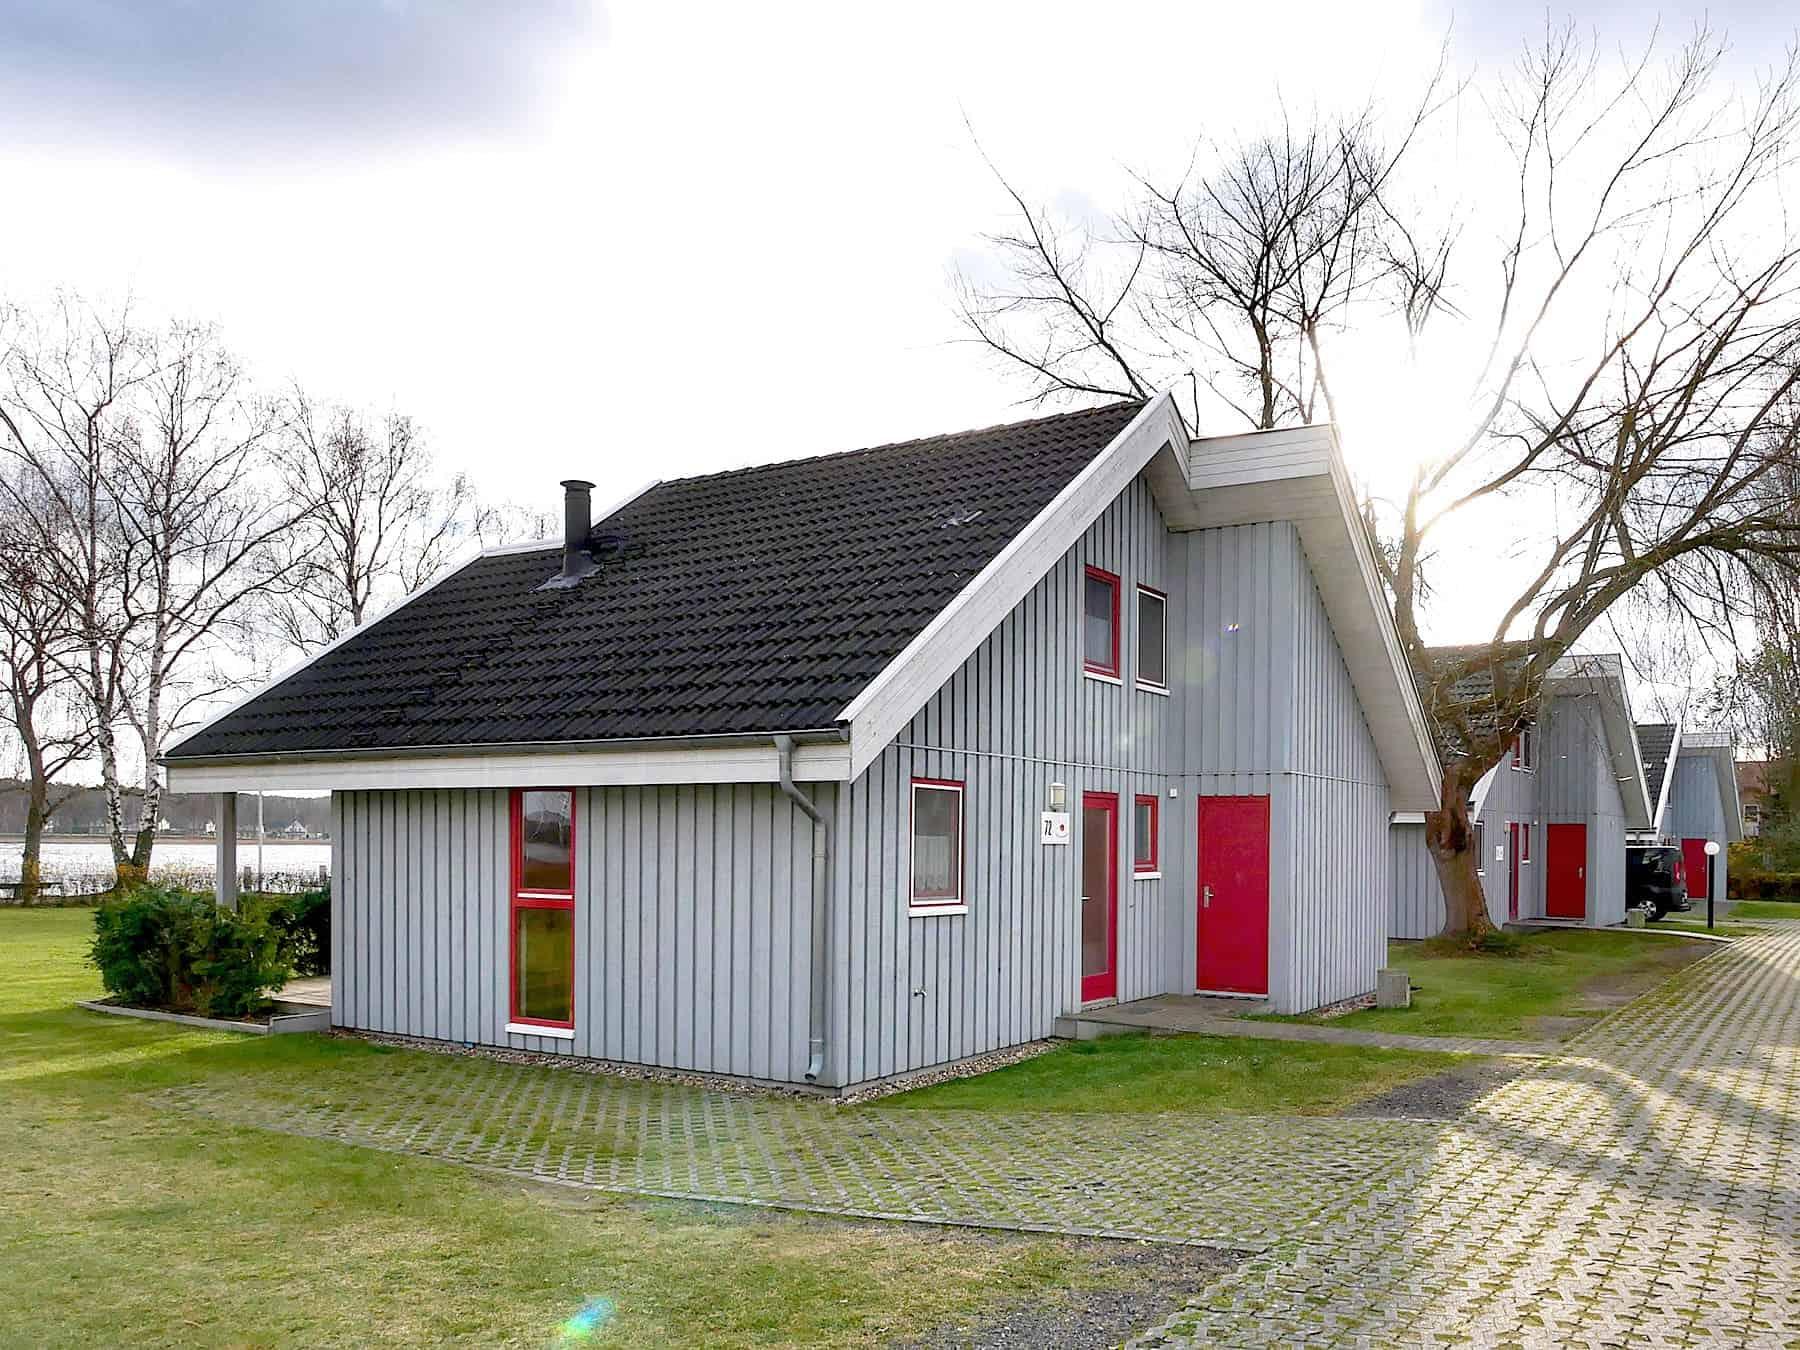 Ferienhaus Seeperle XL 1. Reihe zum See mit Whirlpool in Wendisch Rietz